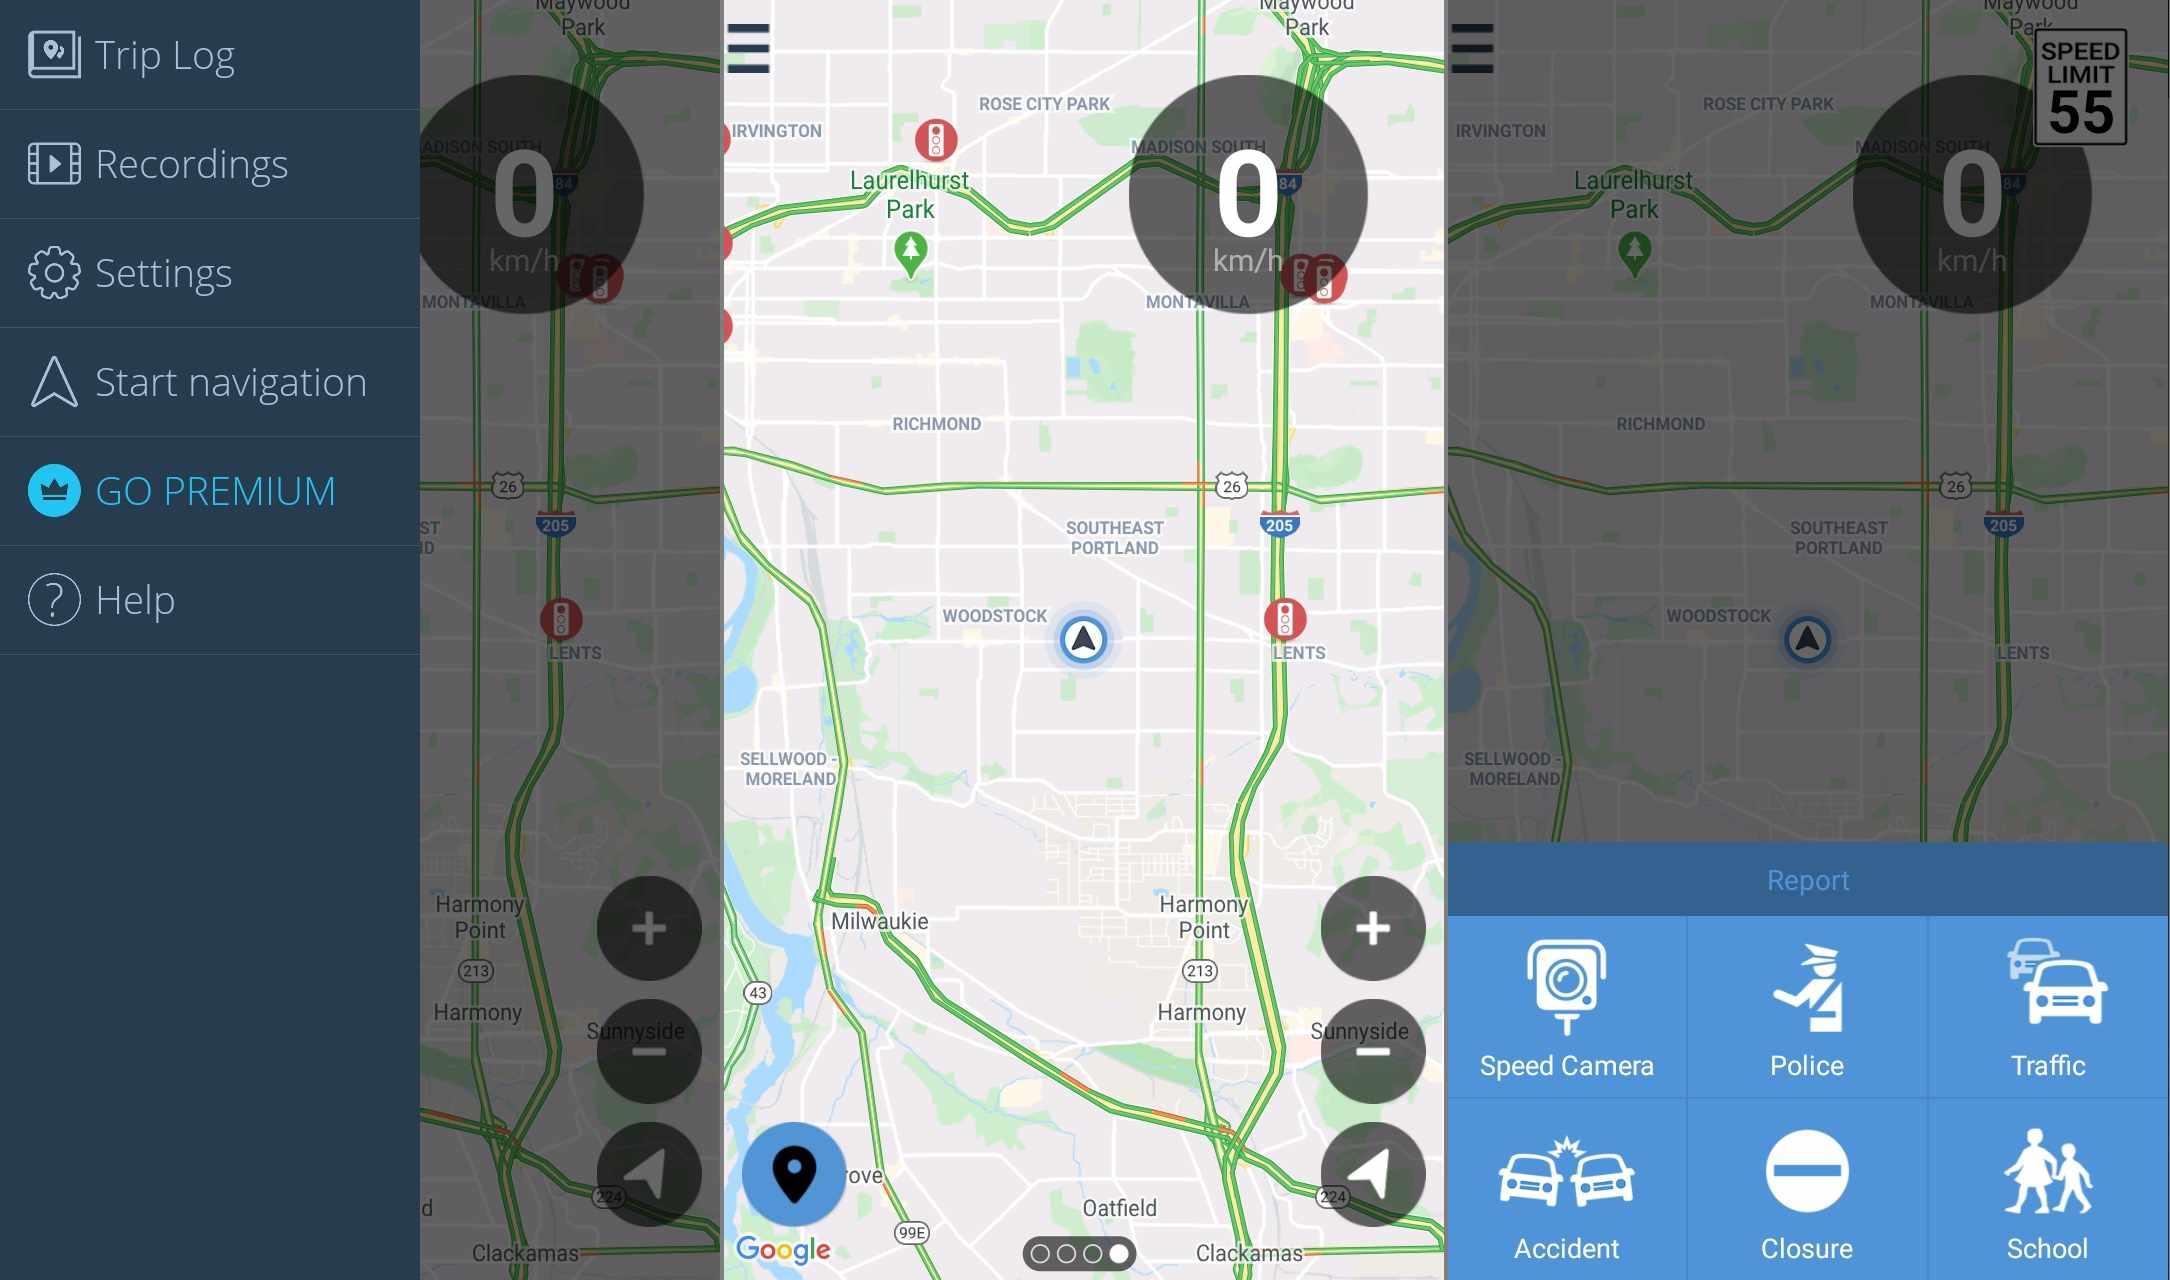 Speed Cameras & Traffic Android app